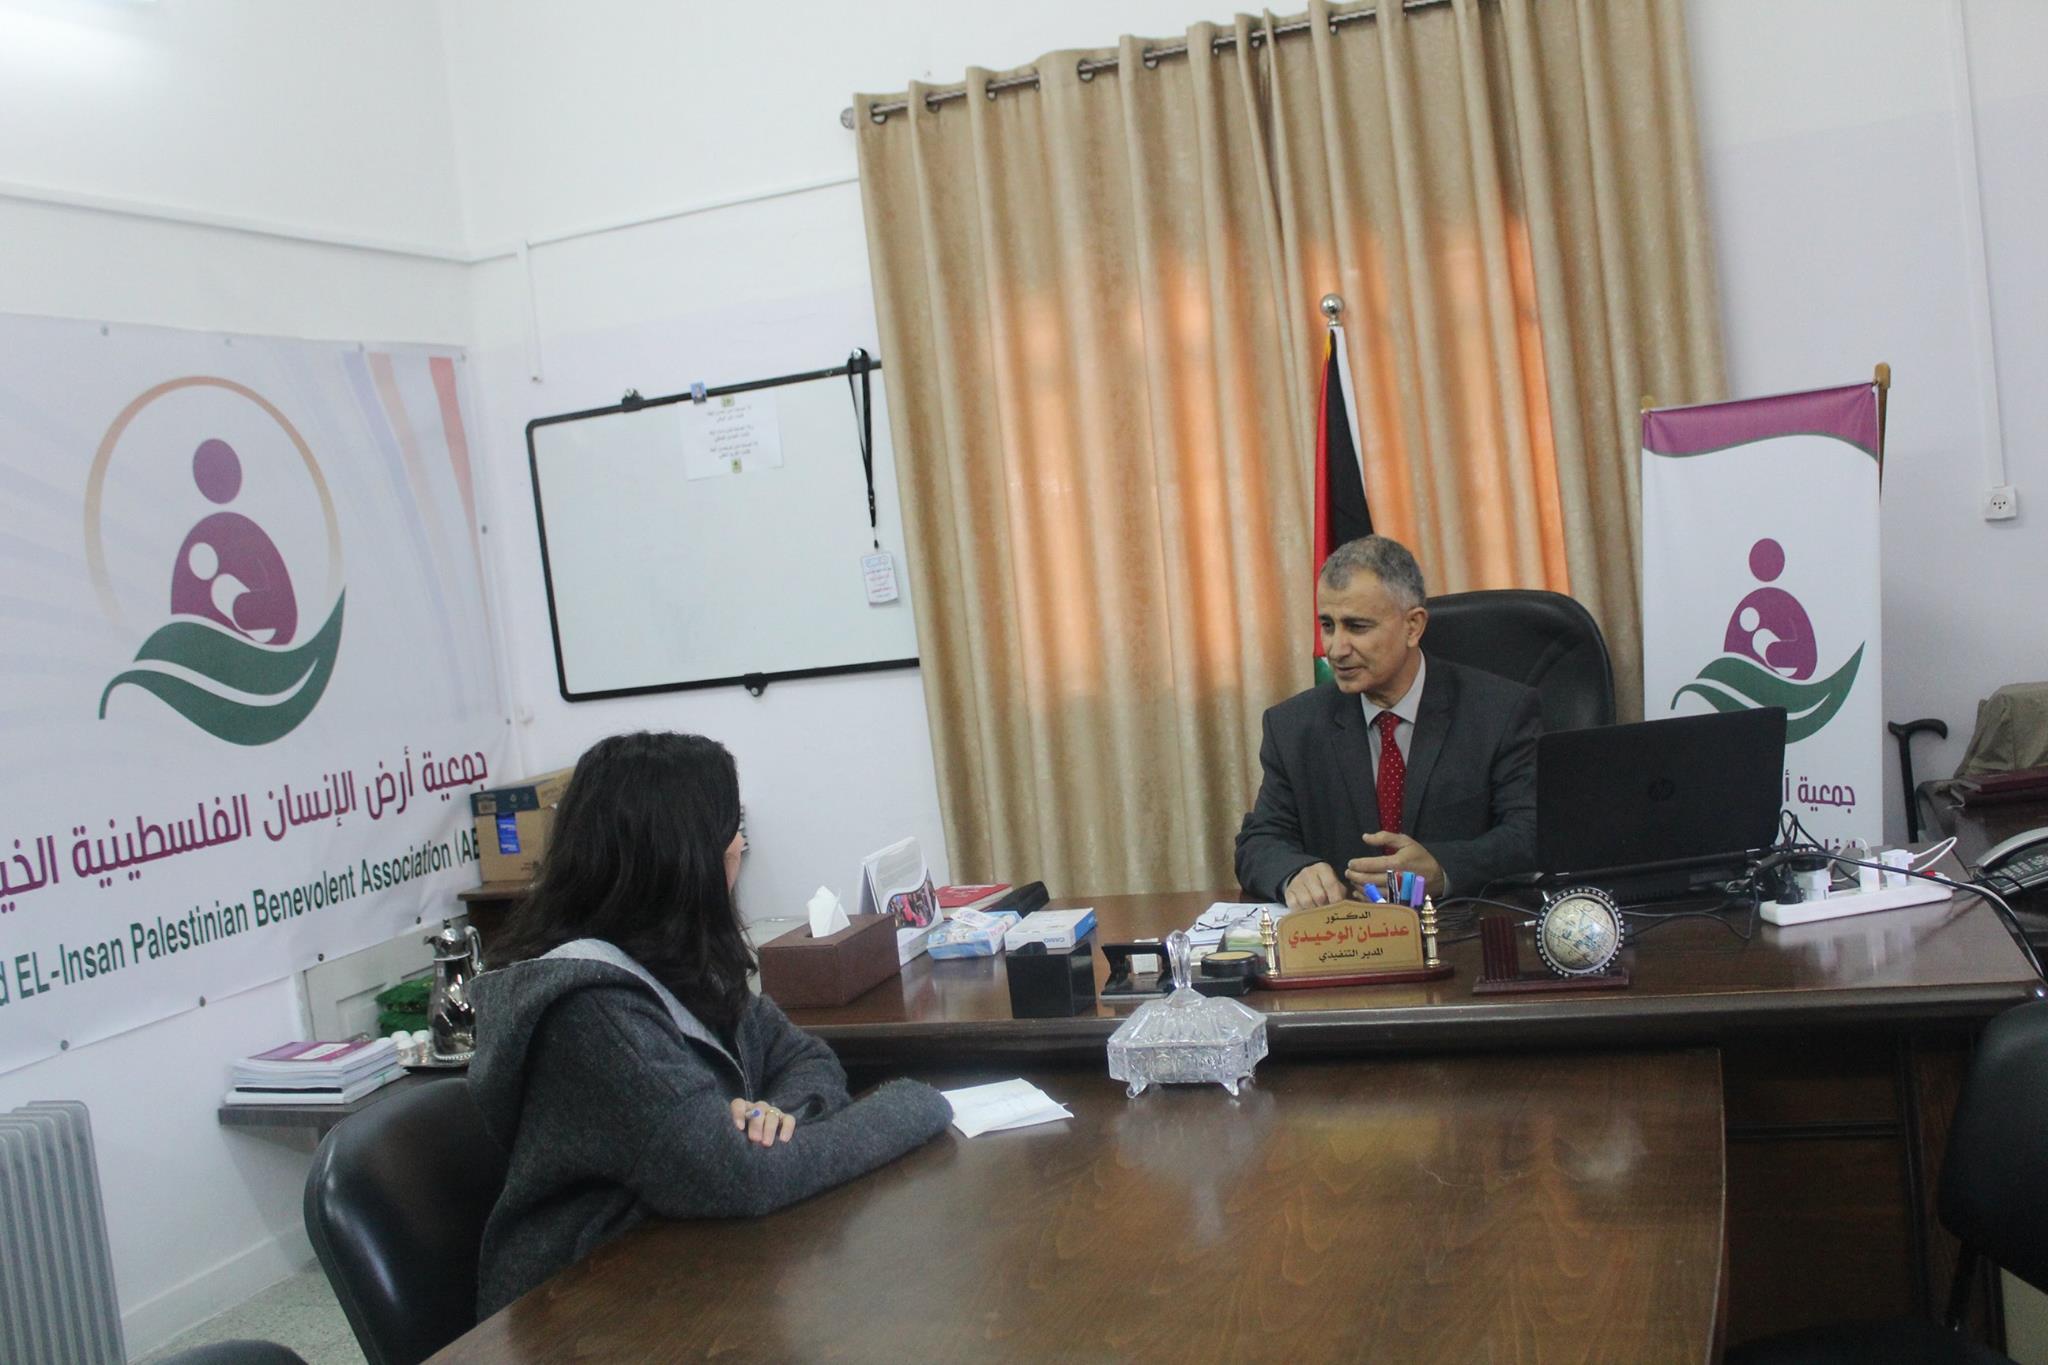 مقابلة تلفزيونية مع تلفزيون فلسطين